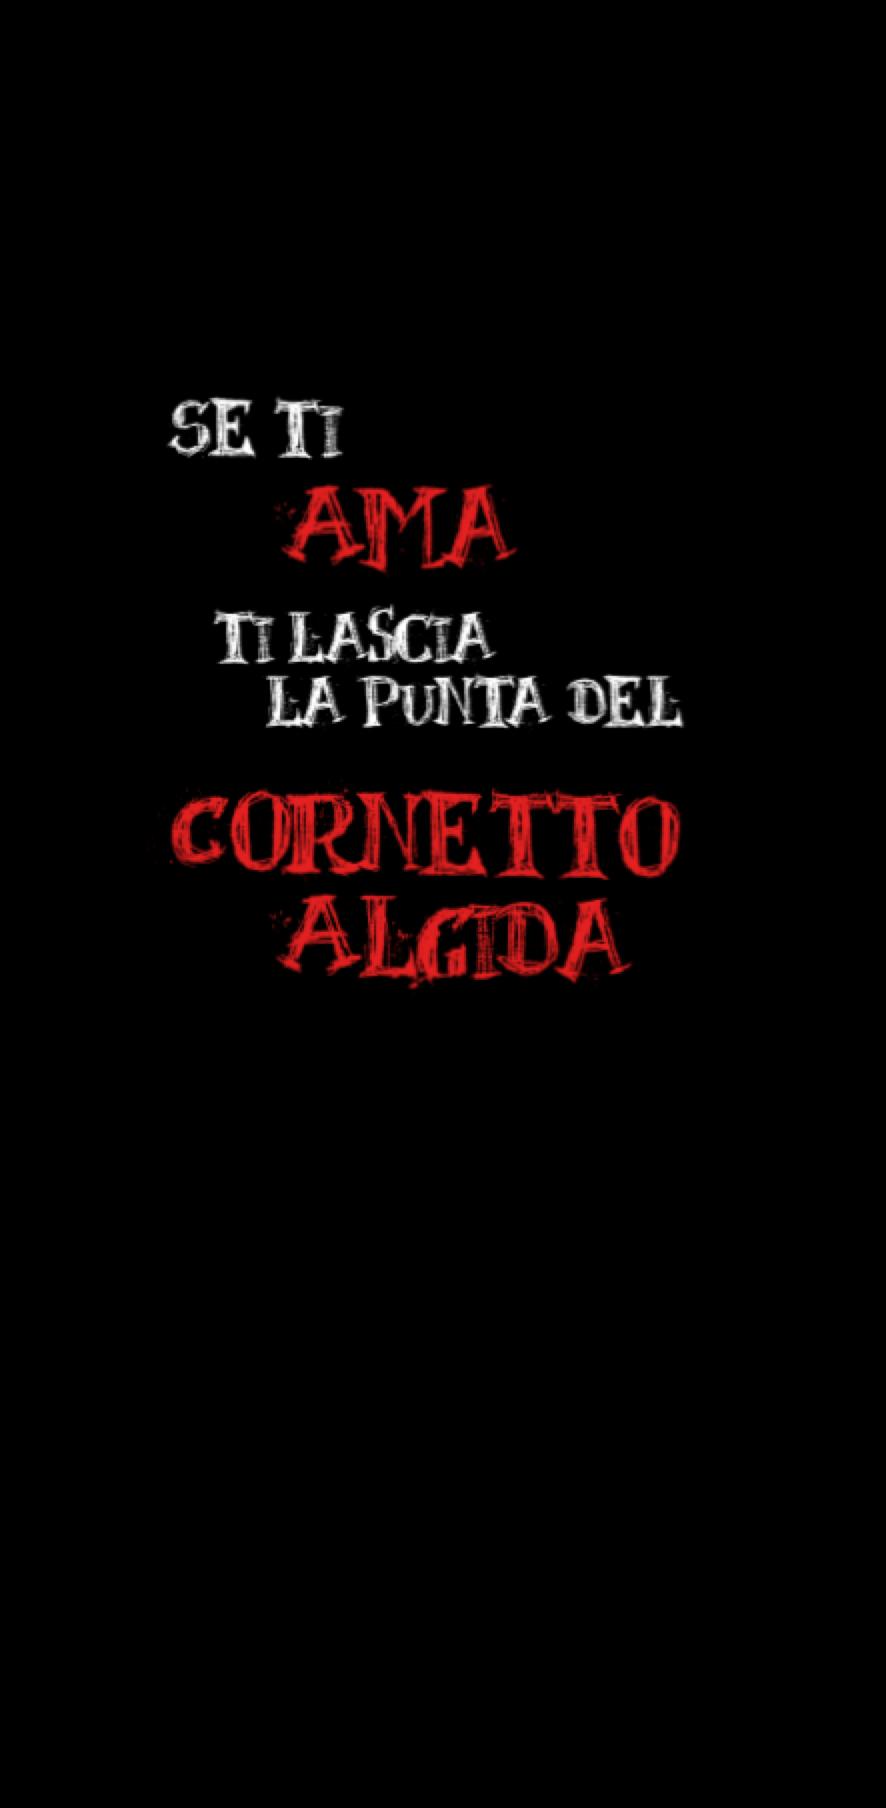 Cornetto La DametropulseStampa Cover Personalizzata Algida Creata c4Rj3q5ALS